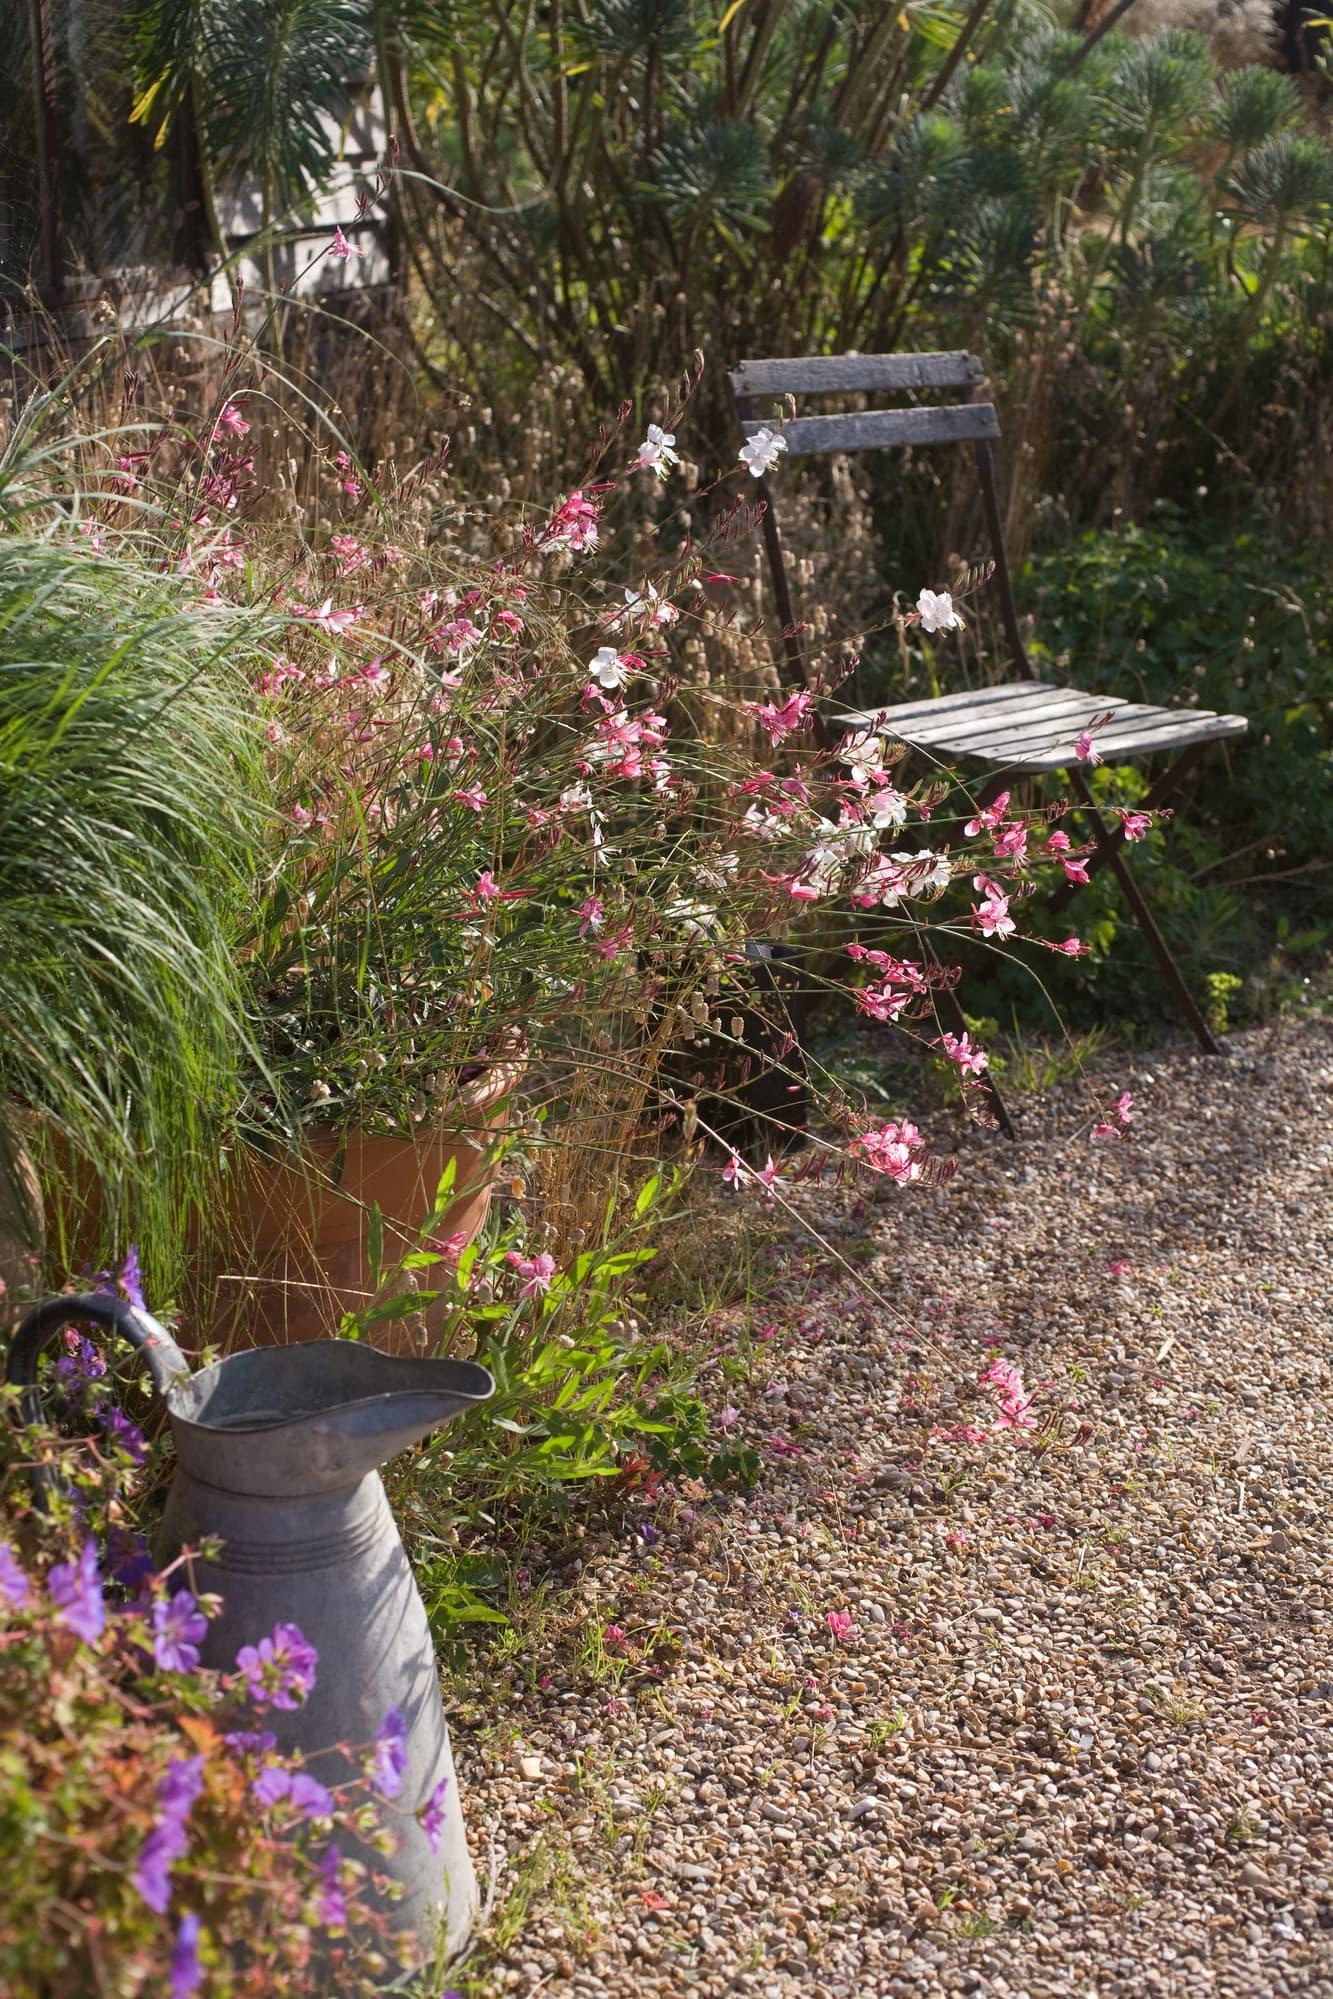 Sommarljus med sina små fjärilsliknande blommor i rosa och vitt, gör sig bra i motljus.